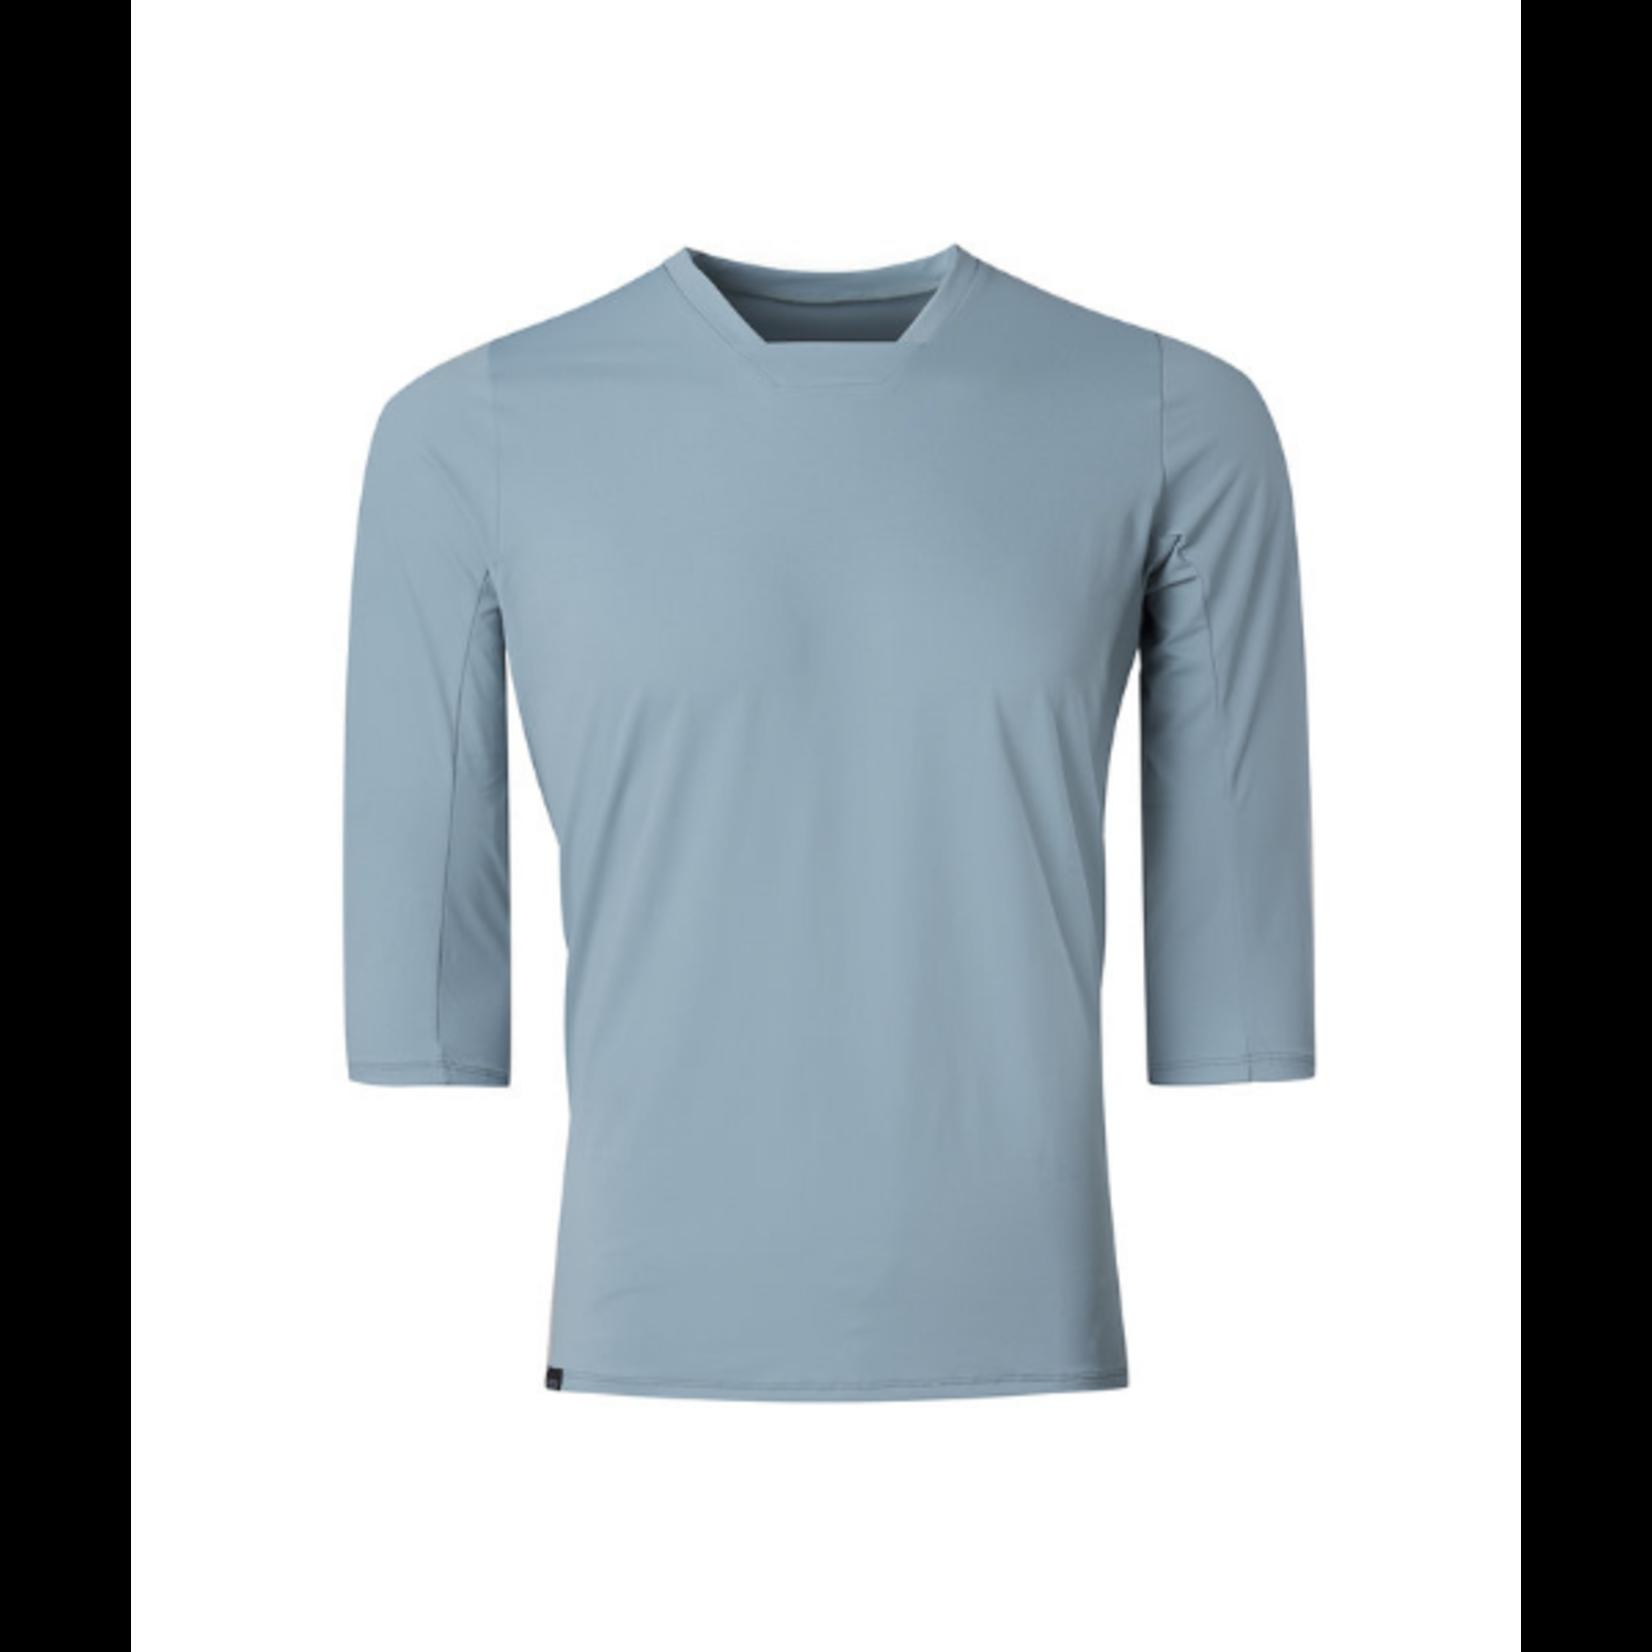 7Mesh 7Mesh Optic 3/4 Shirt Men's